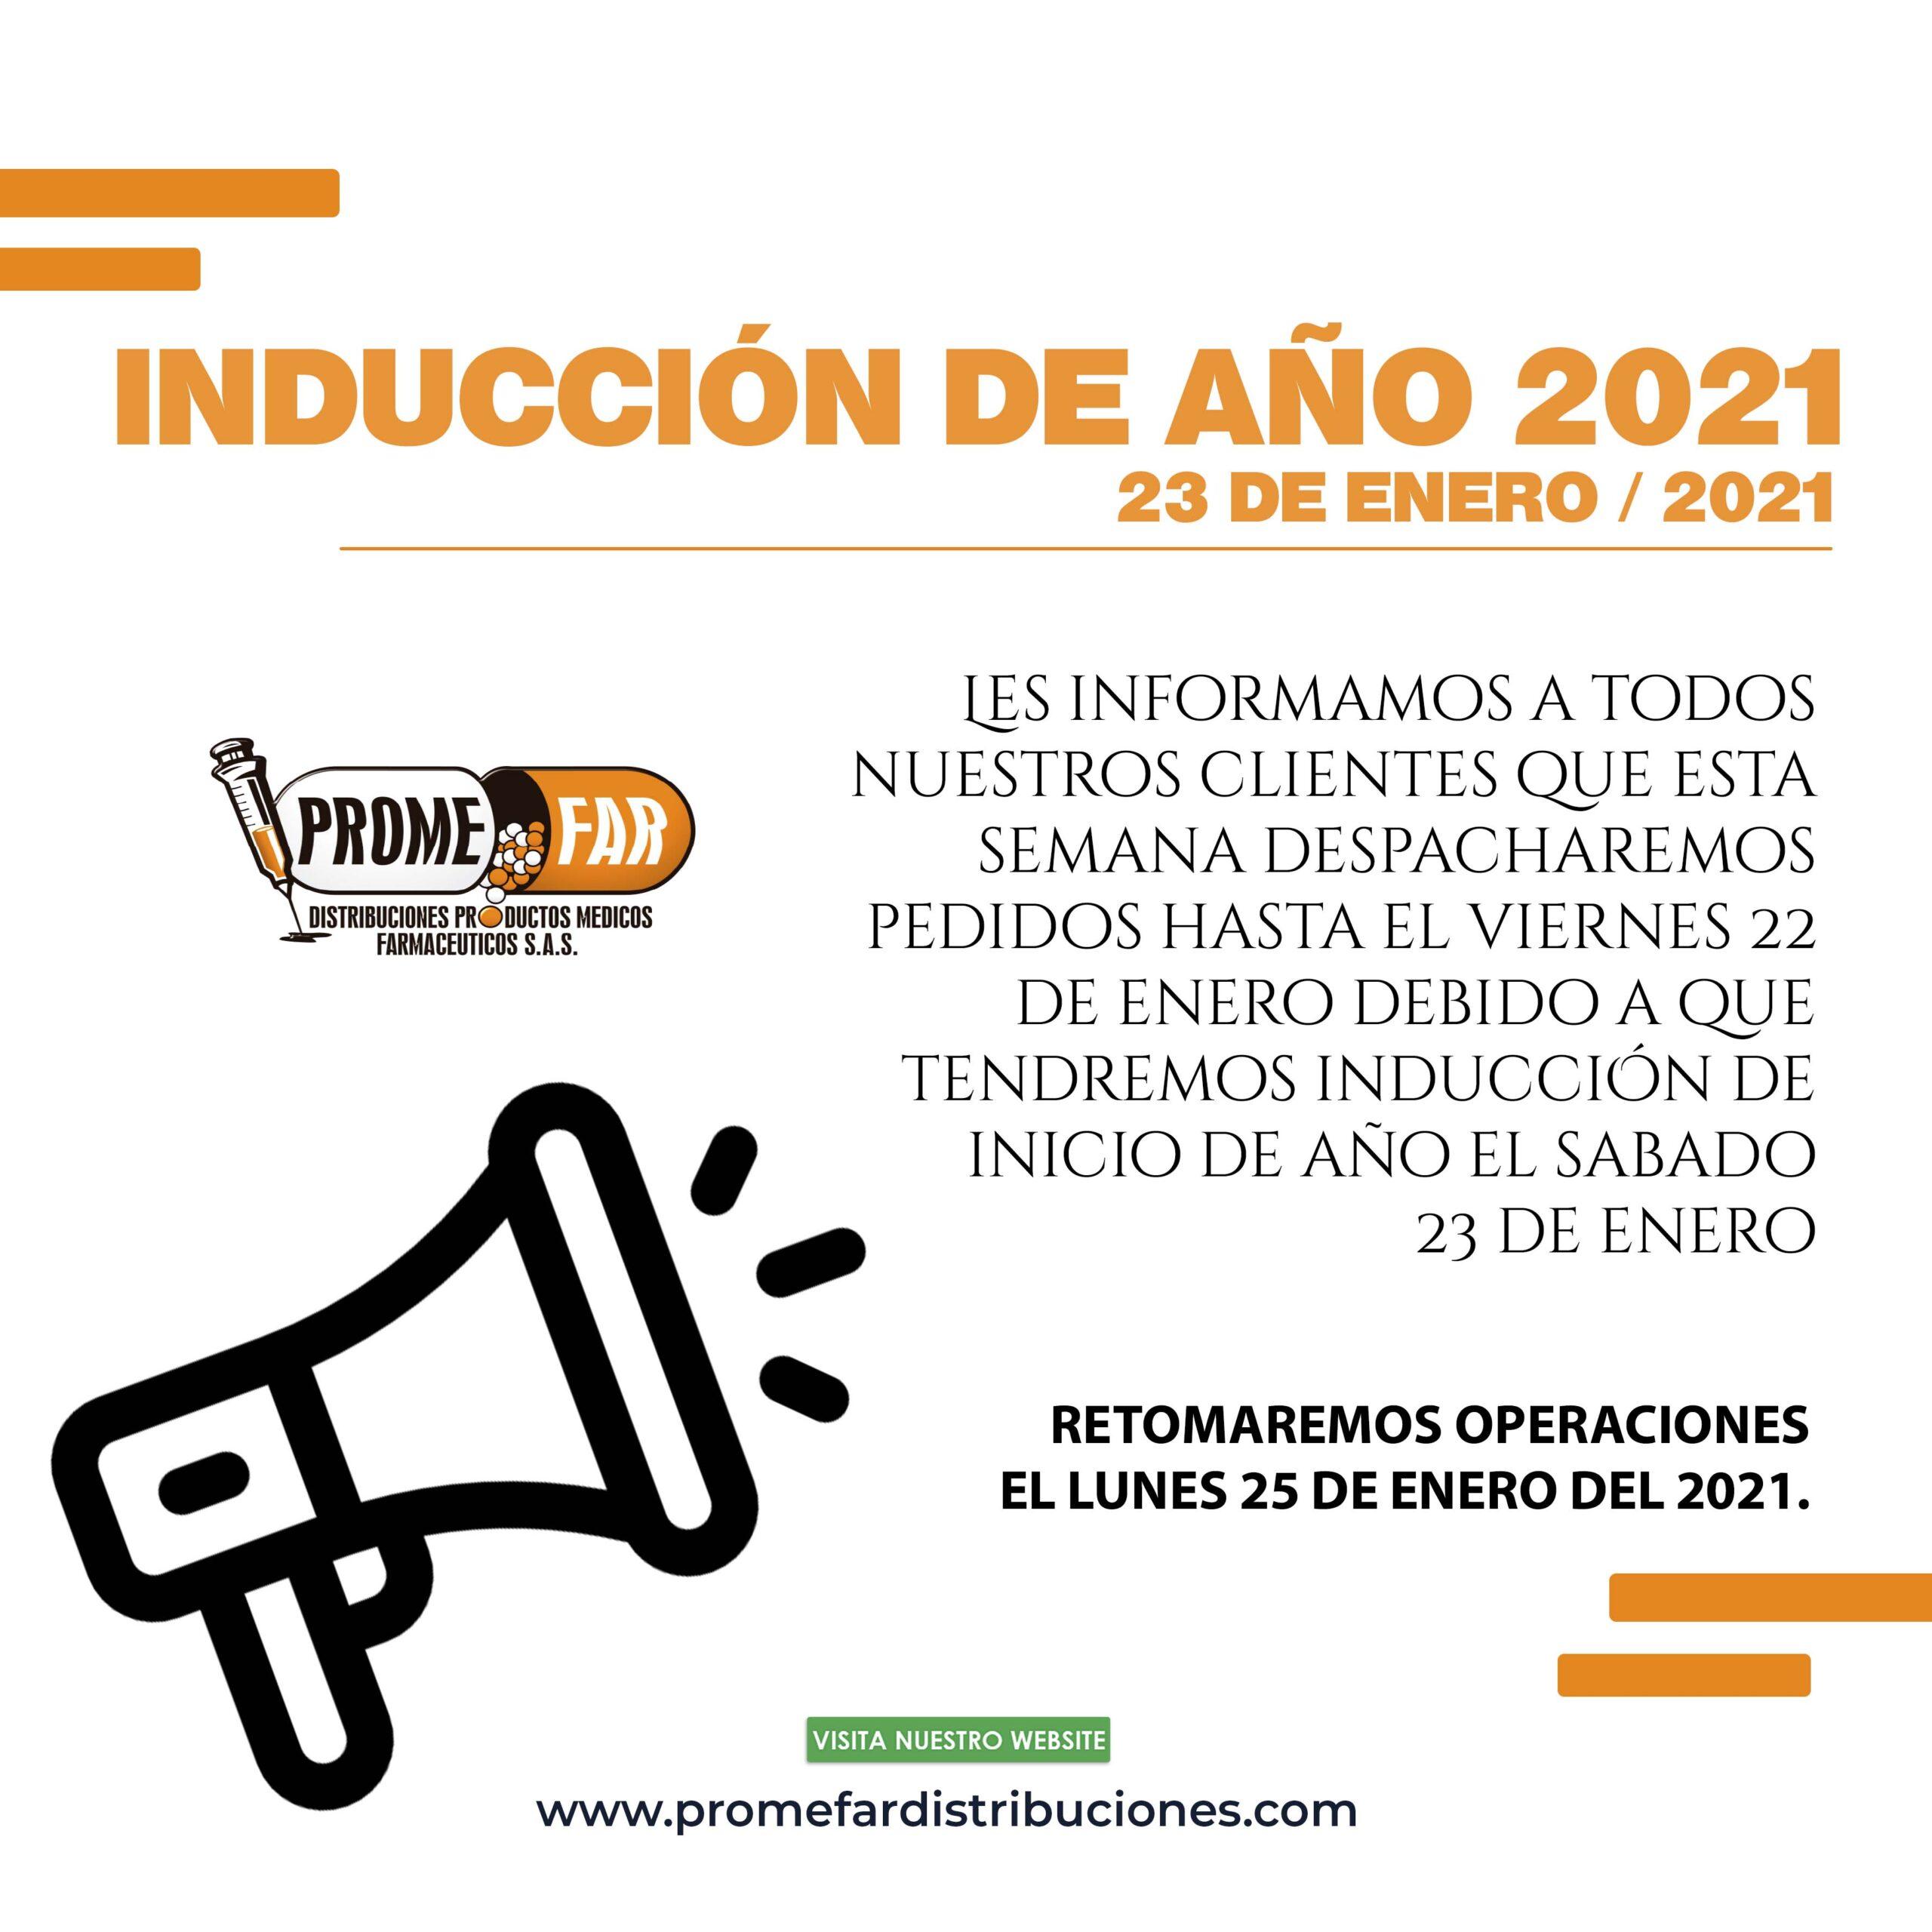 INDUCCIÓN DE AÑO 2021